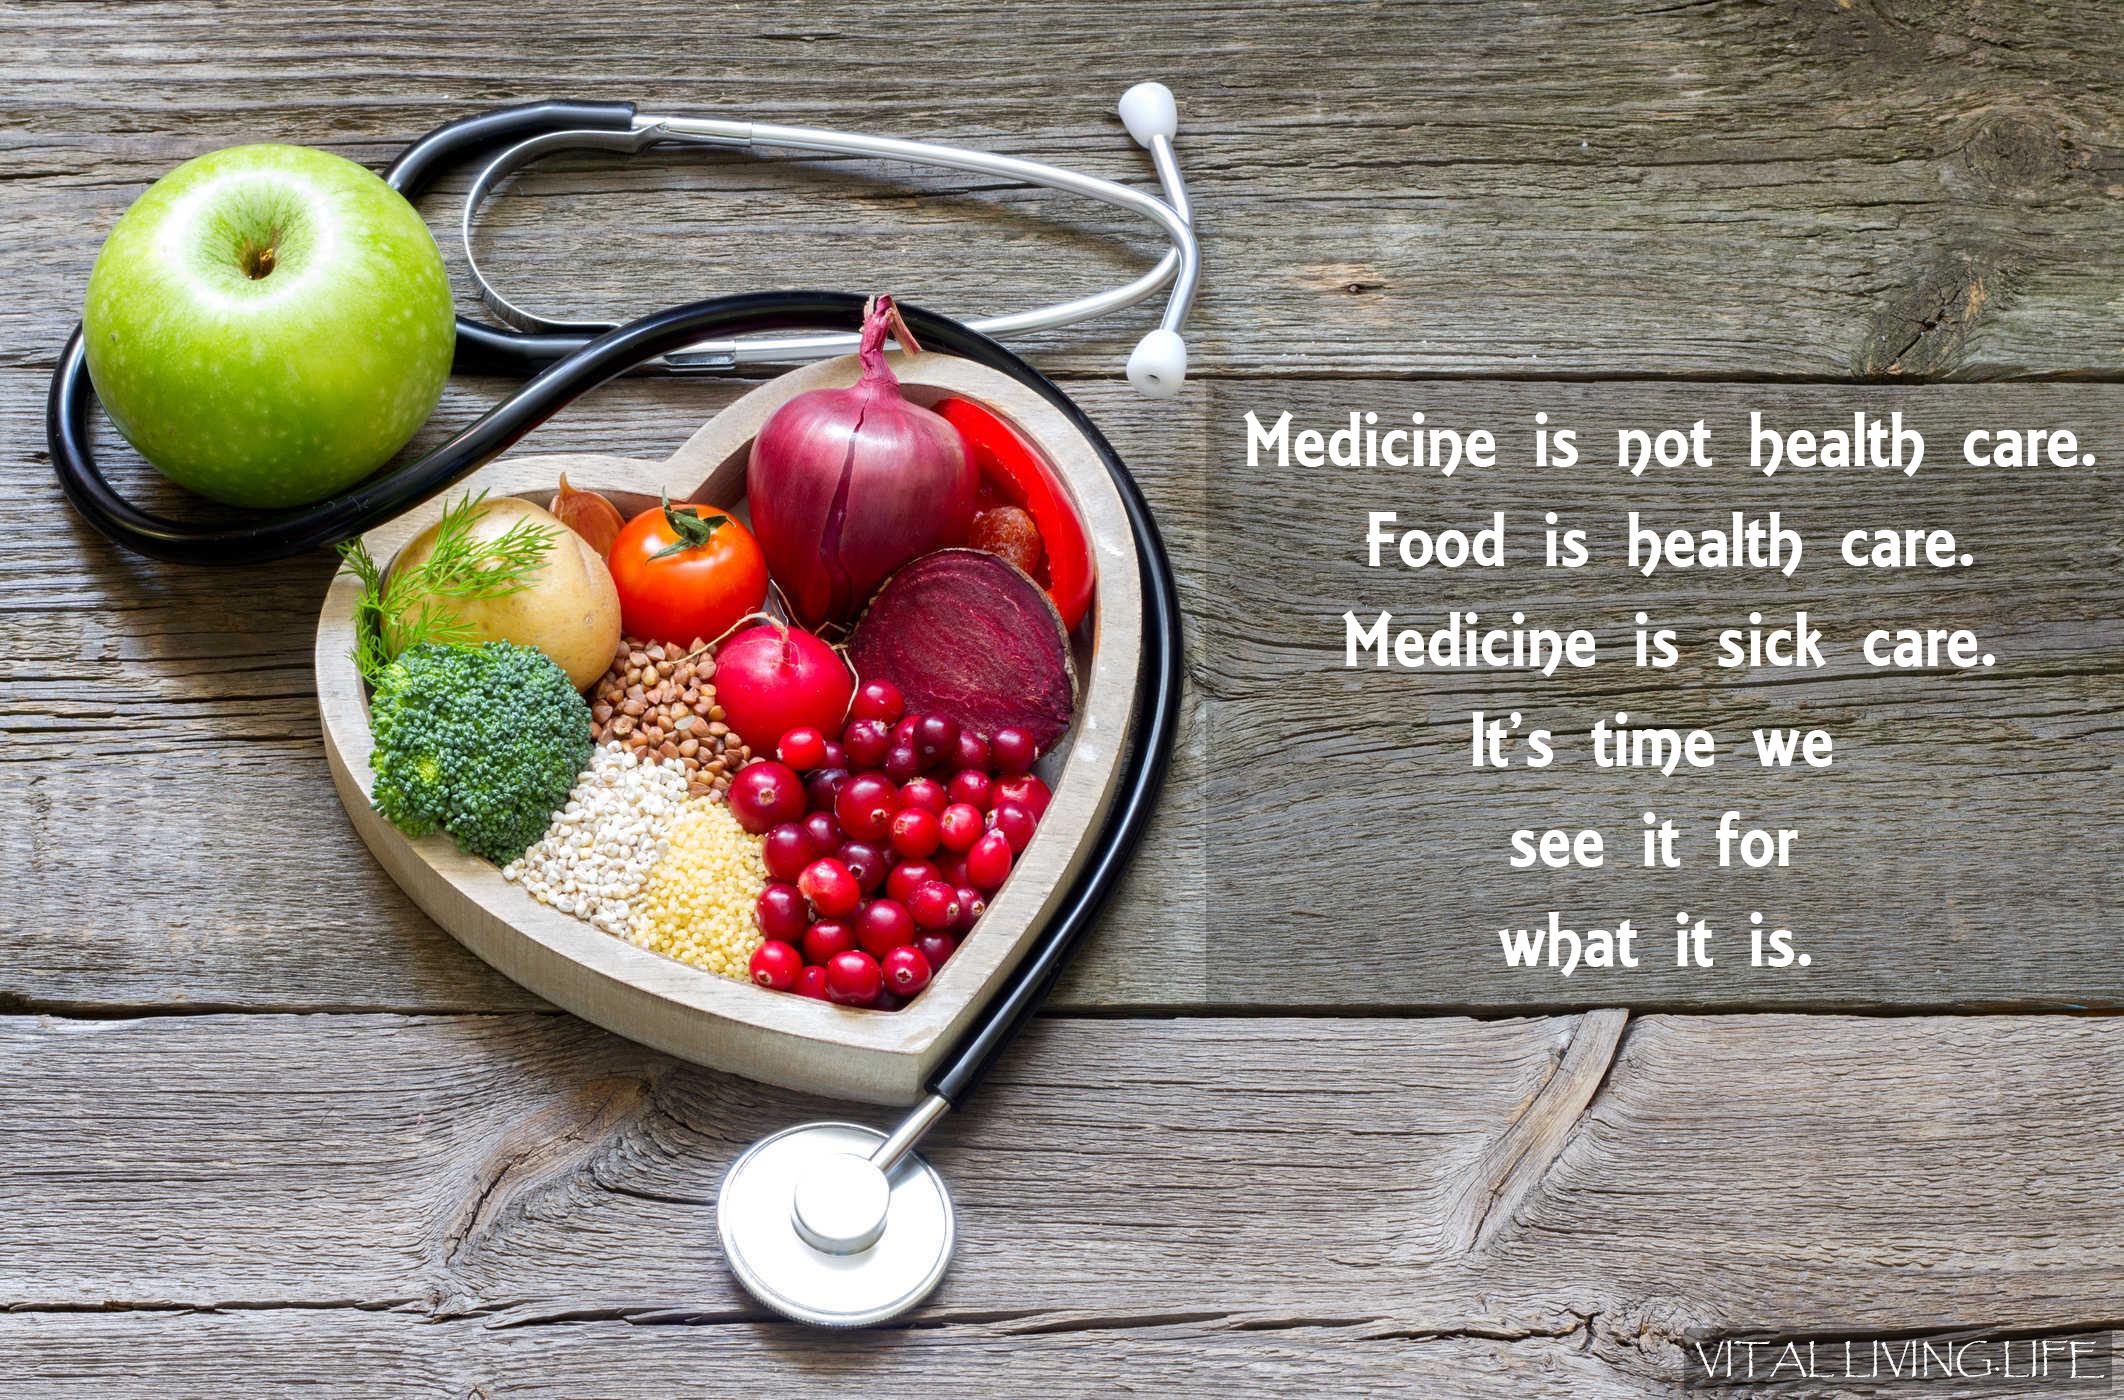 FoodIsMedicine